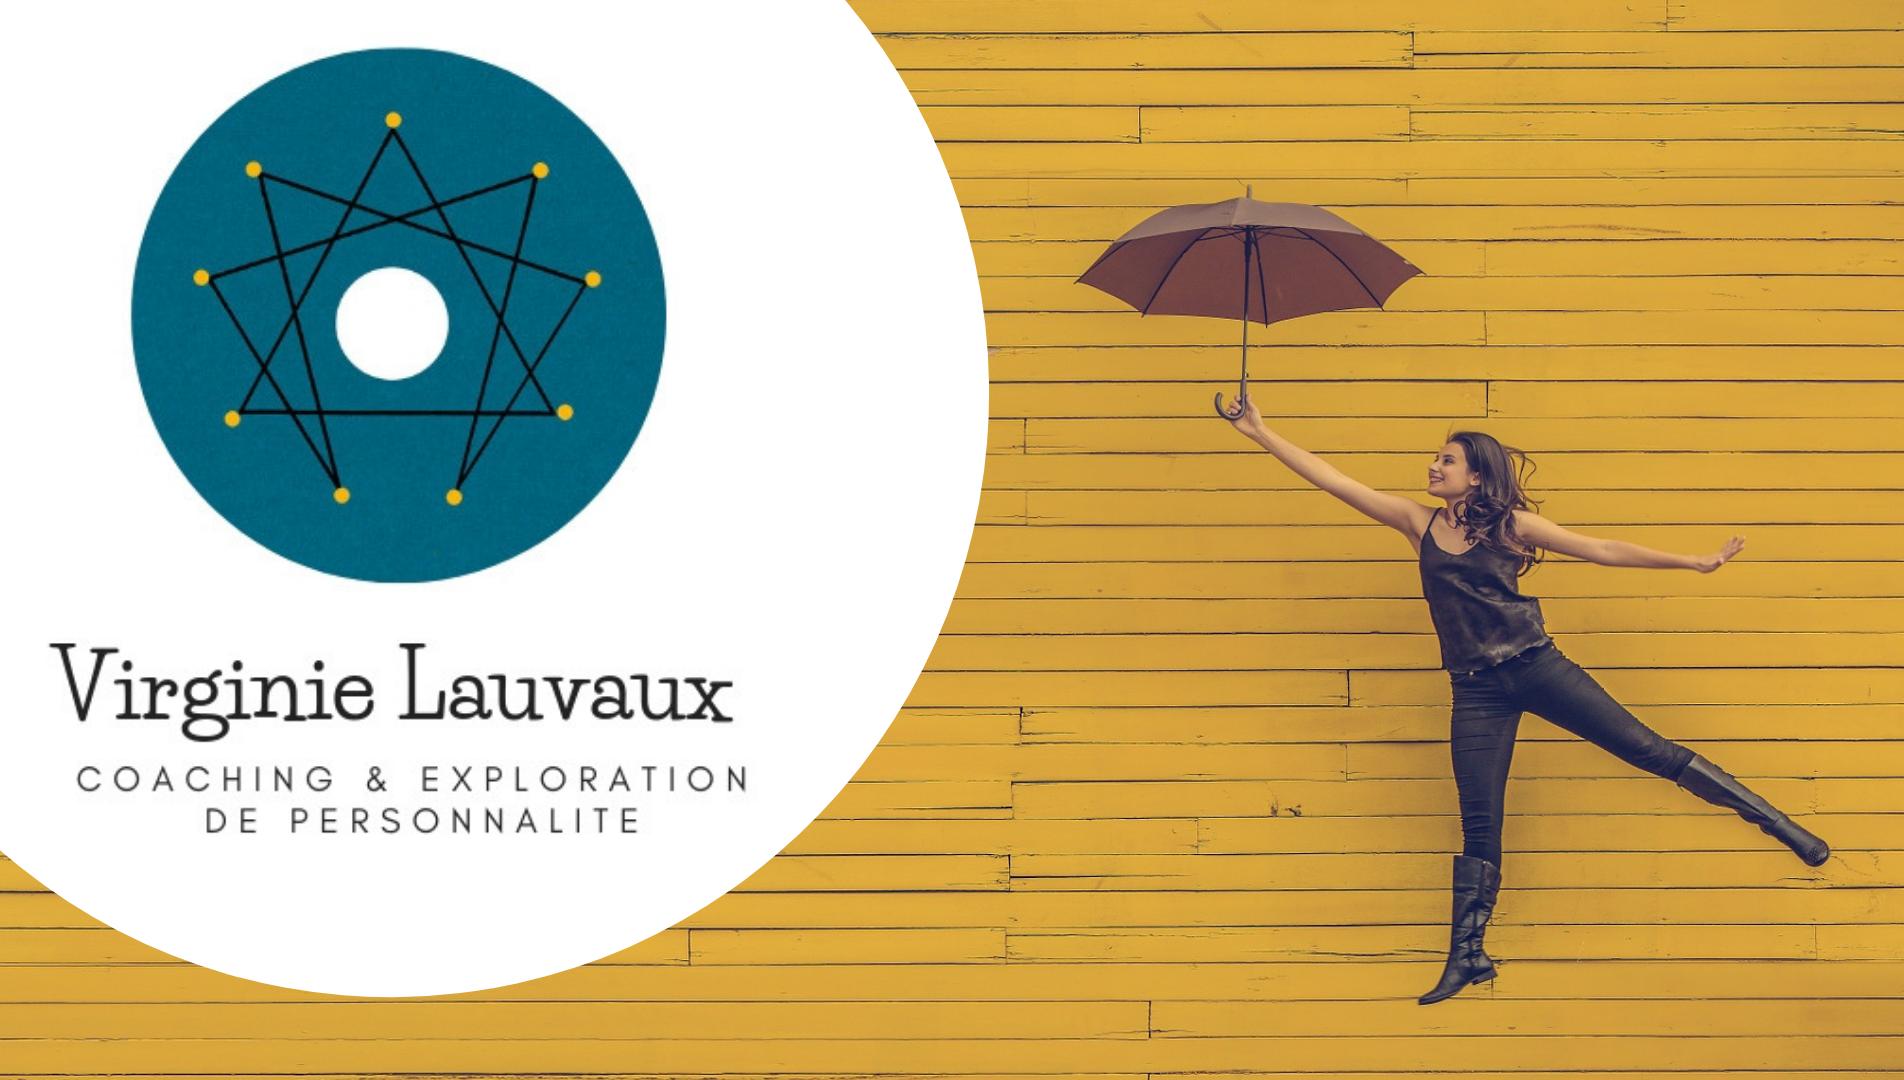 Virginie Lauvaux – Coaching & exploration de personnalité